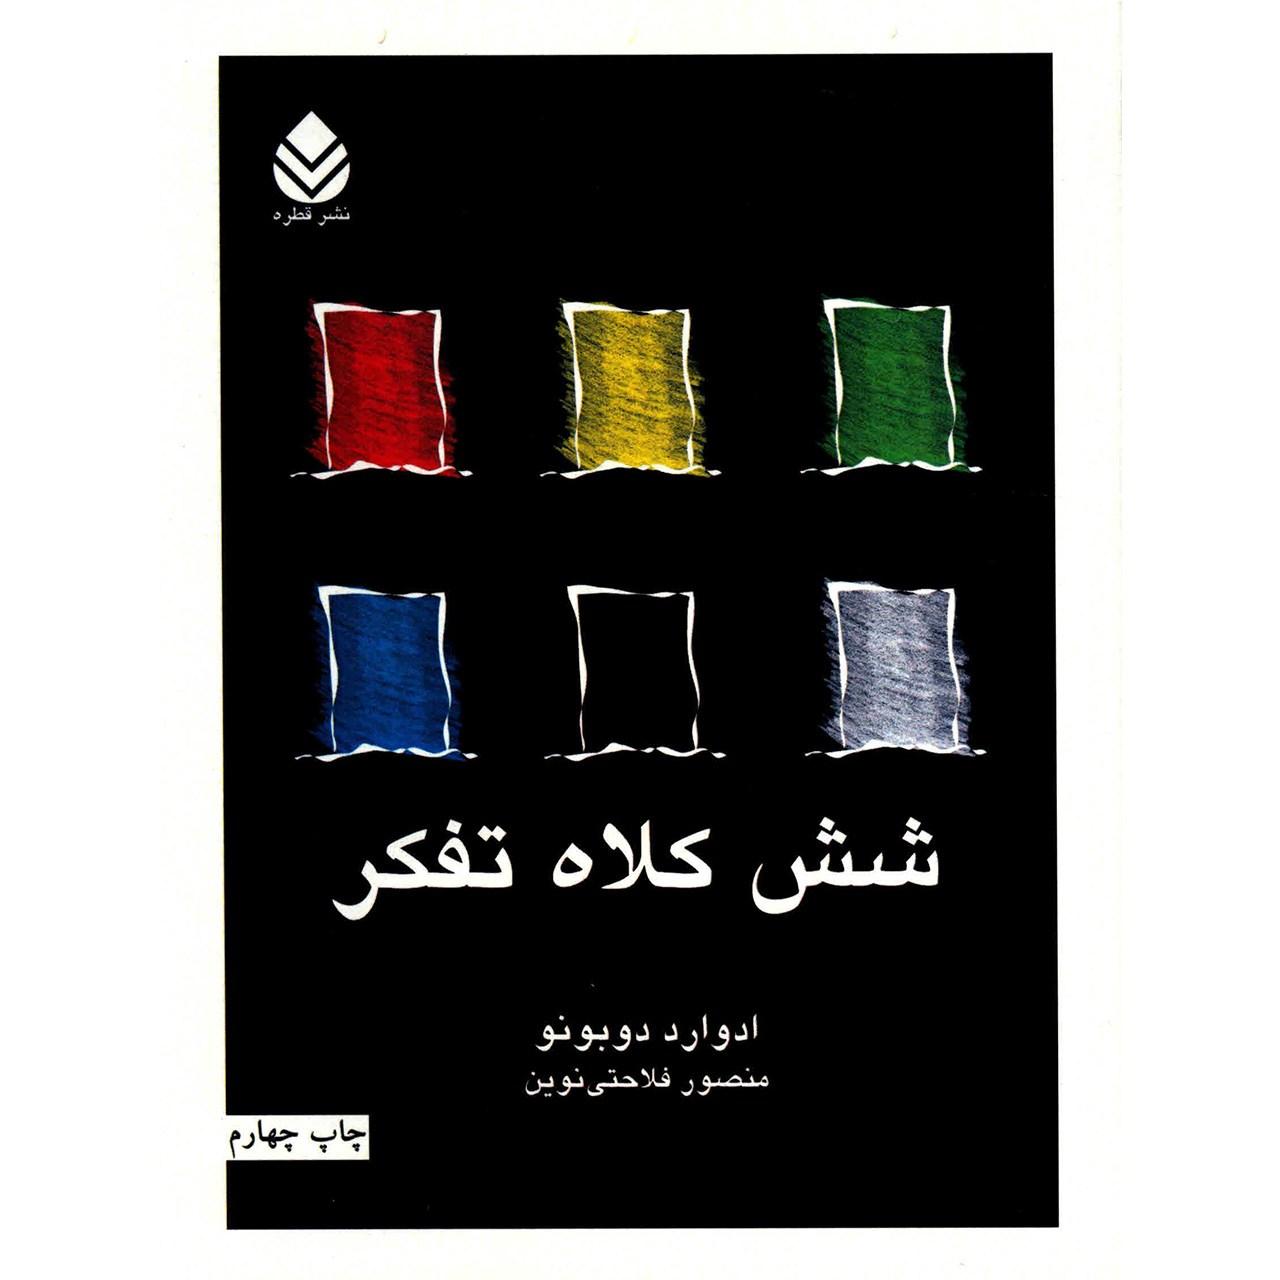 کتاب شش کلاه تفکر اثر ادوارد دوبونو